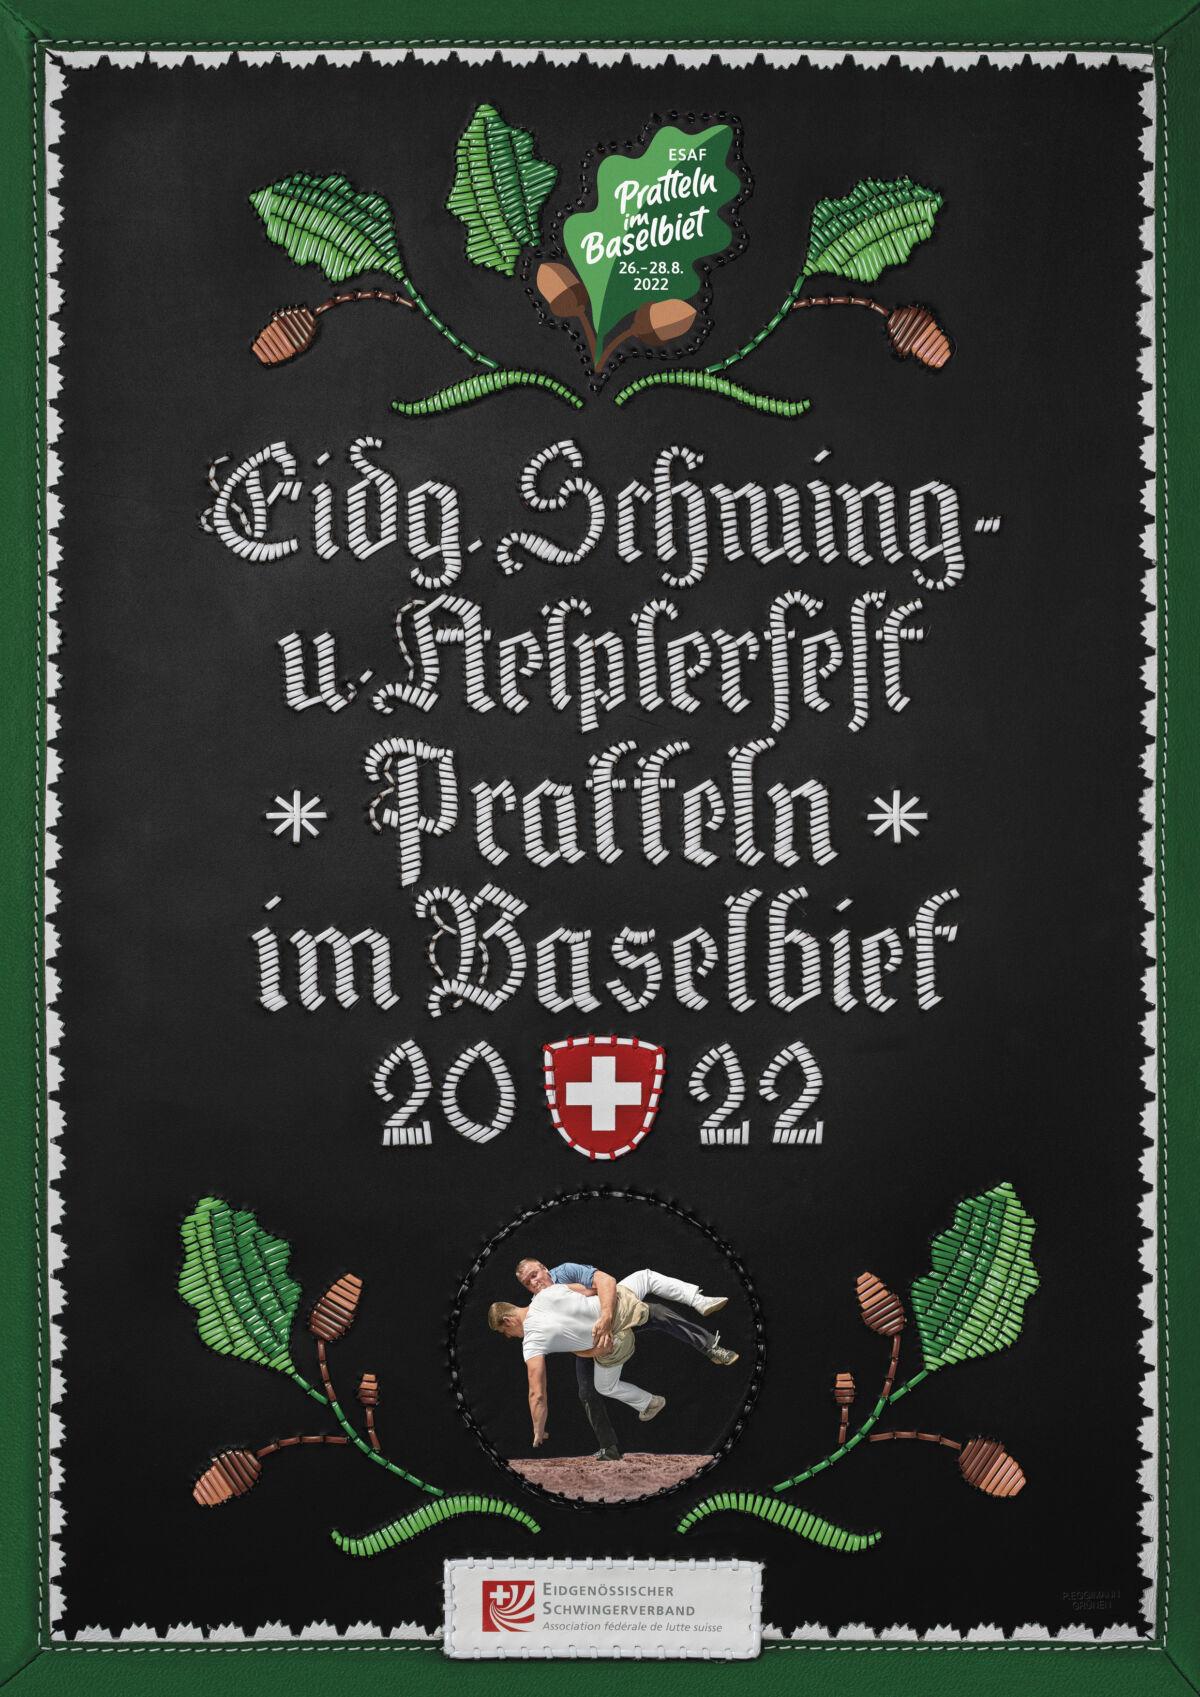 Handwerkskunst als Festplakat    | Eidgenössisches Schwing- und Älplerfest Pratteln im Baselbiet | ESAF 2022